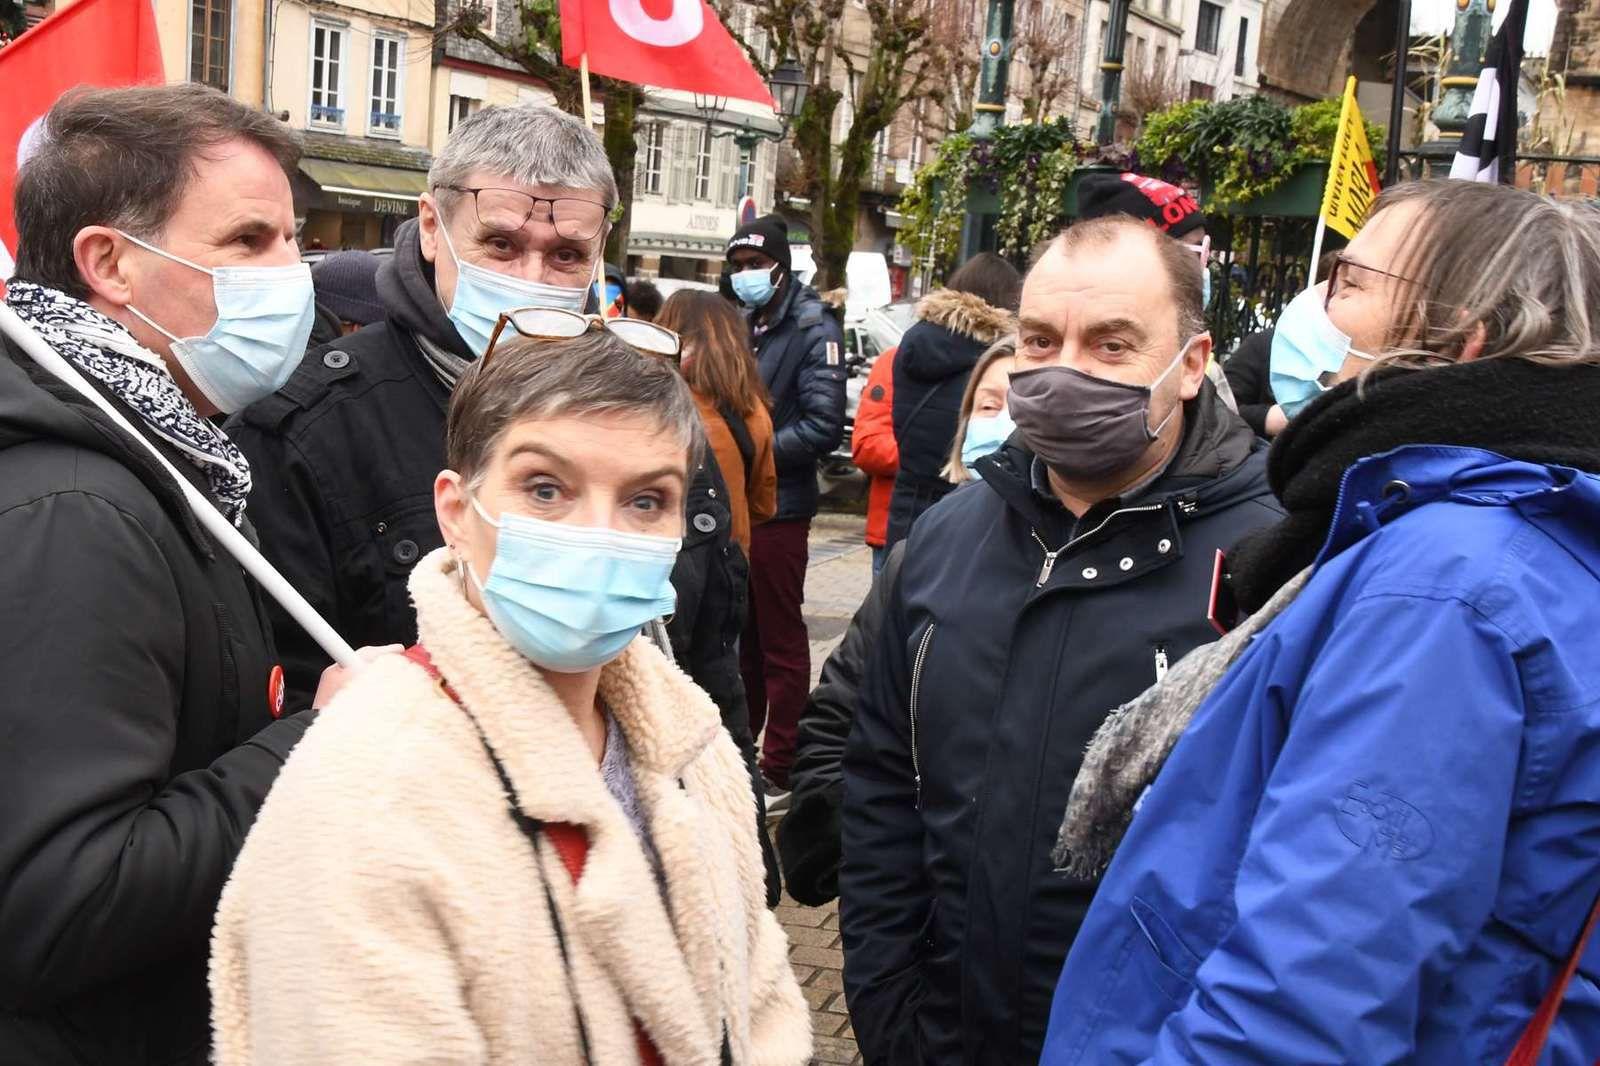 Photo Daniel Laporte - Manif pour la régularisation des sans papiers - Morlaix, 19 janvier 2021